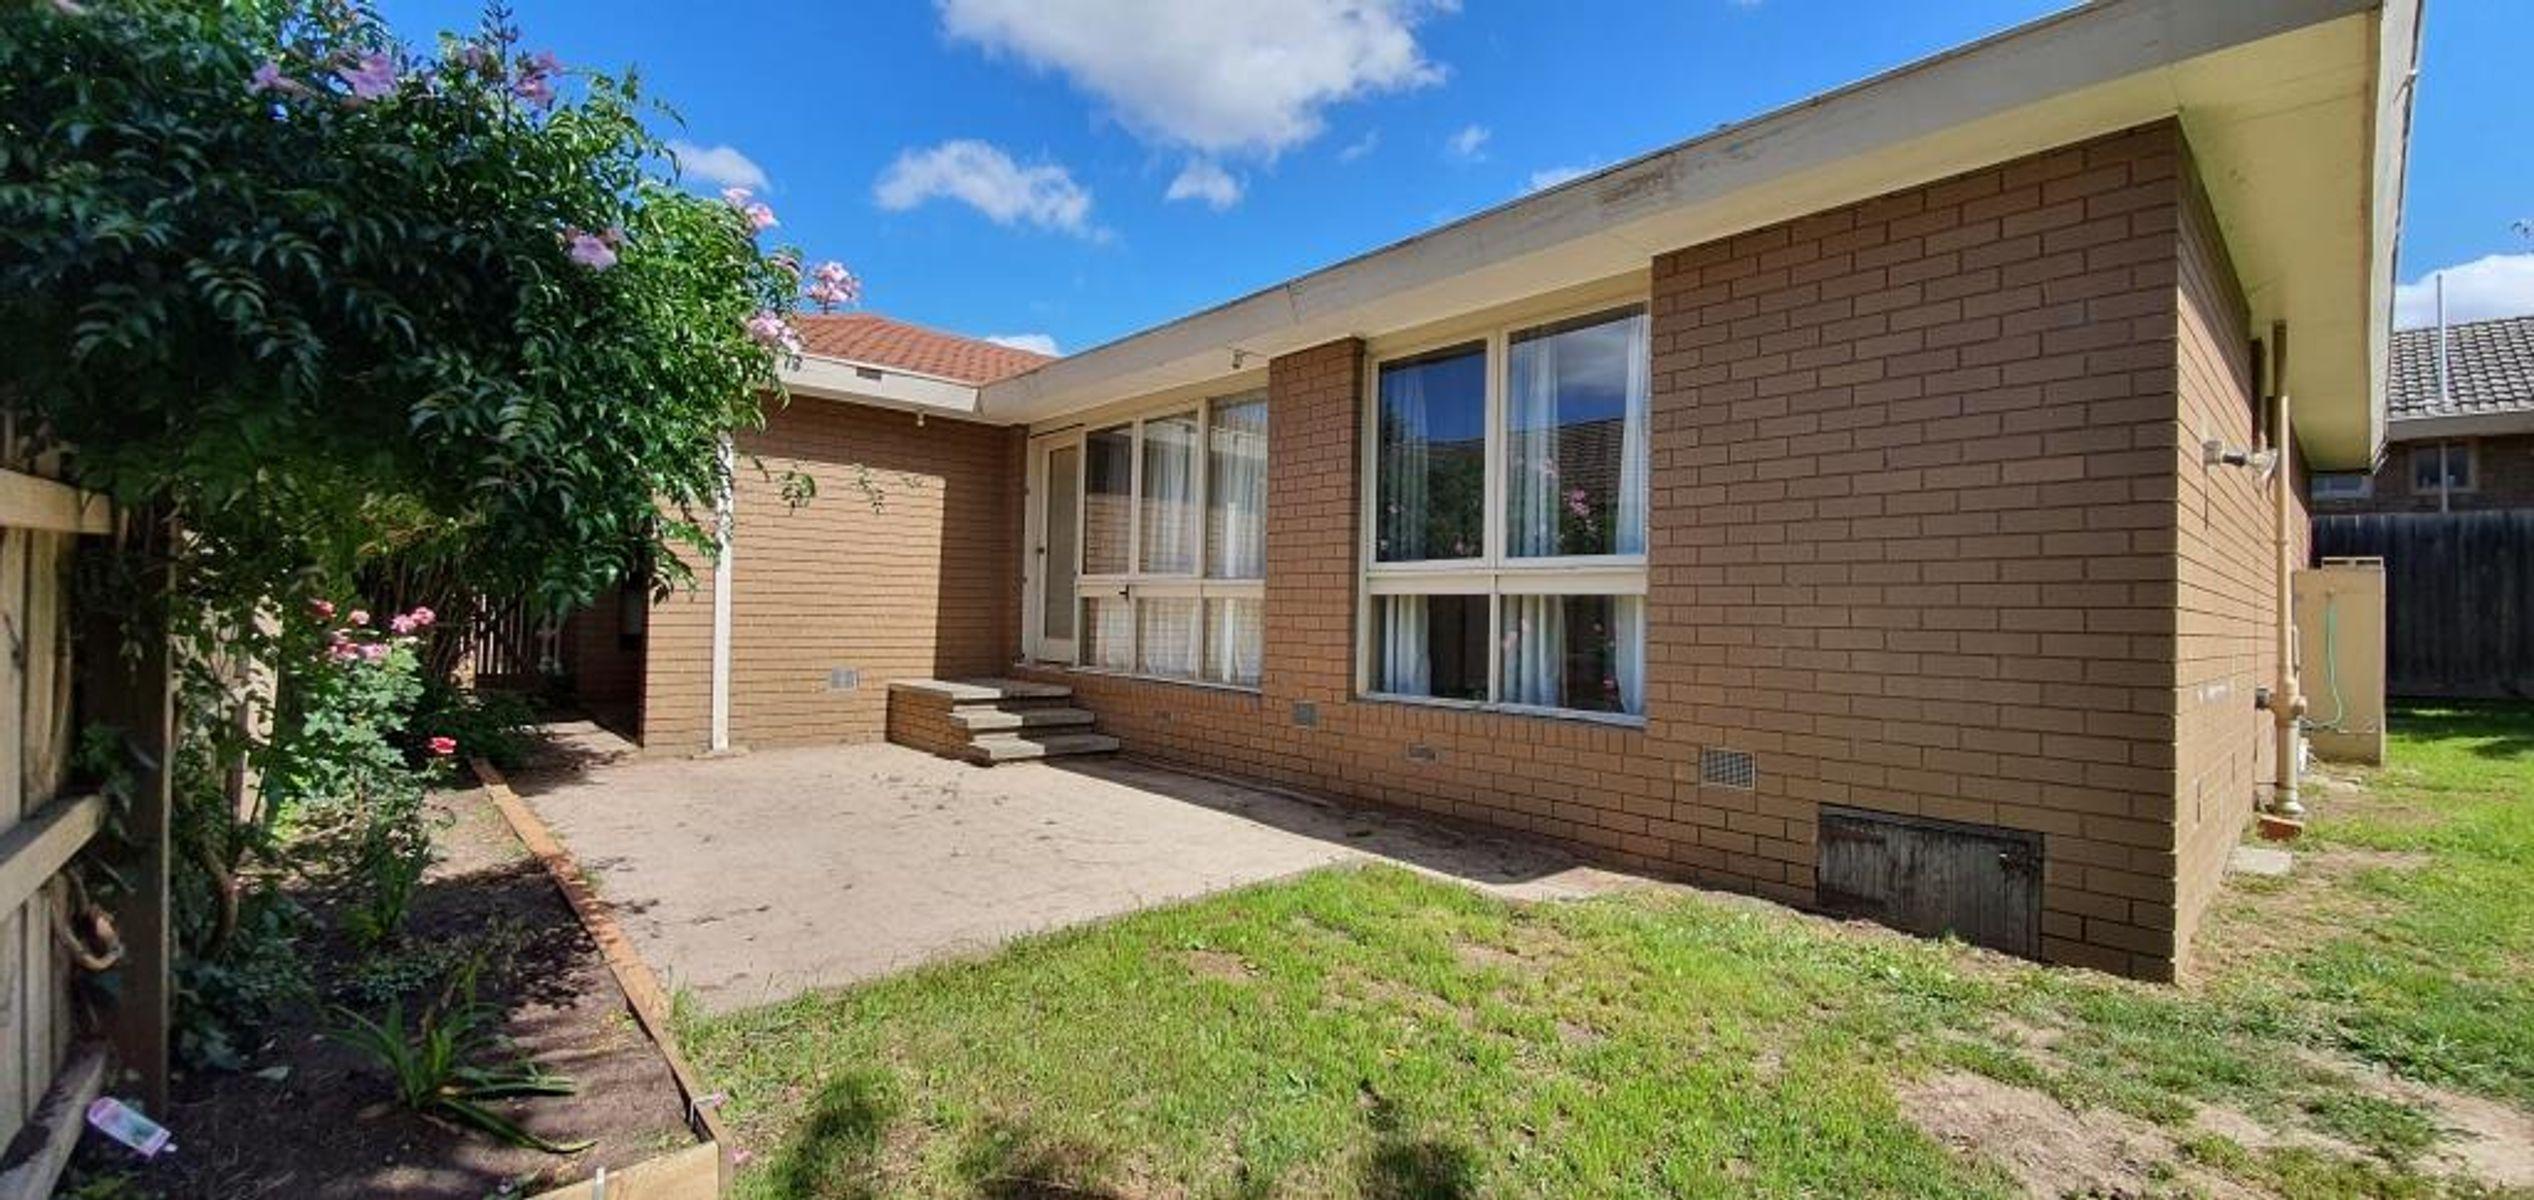 14 Eldale Court, Wantirna, VIC 3152